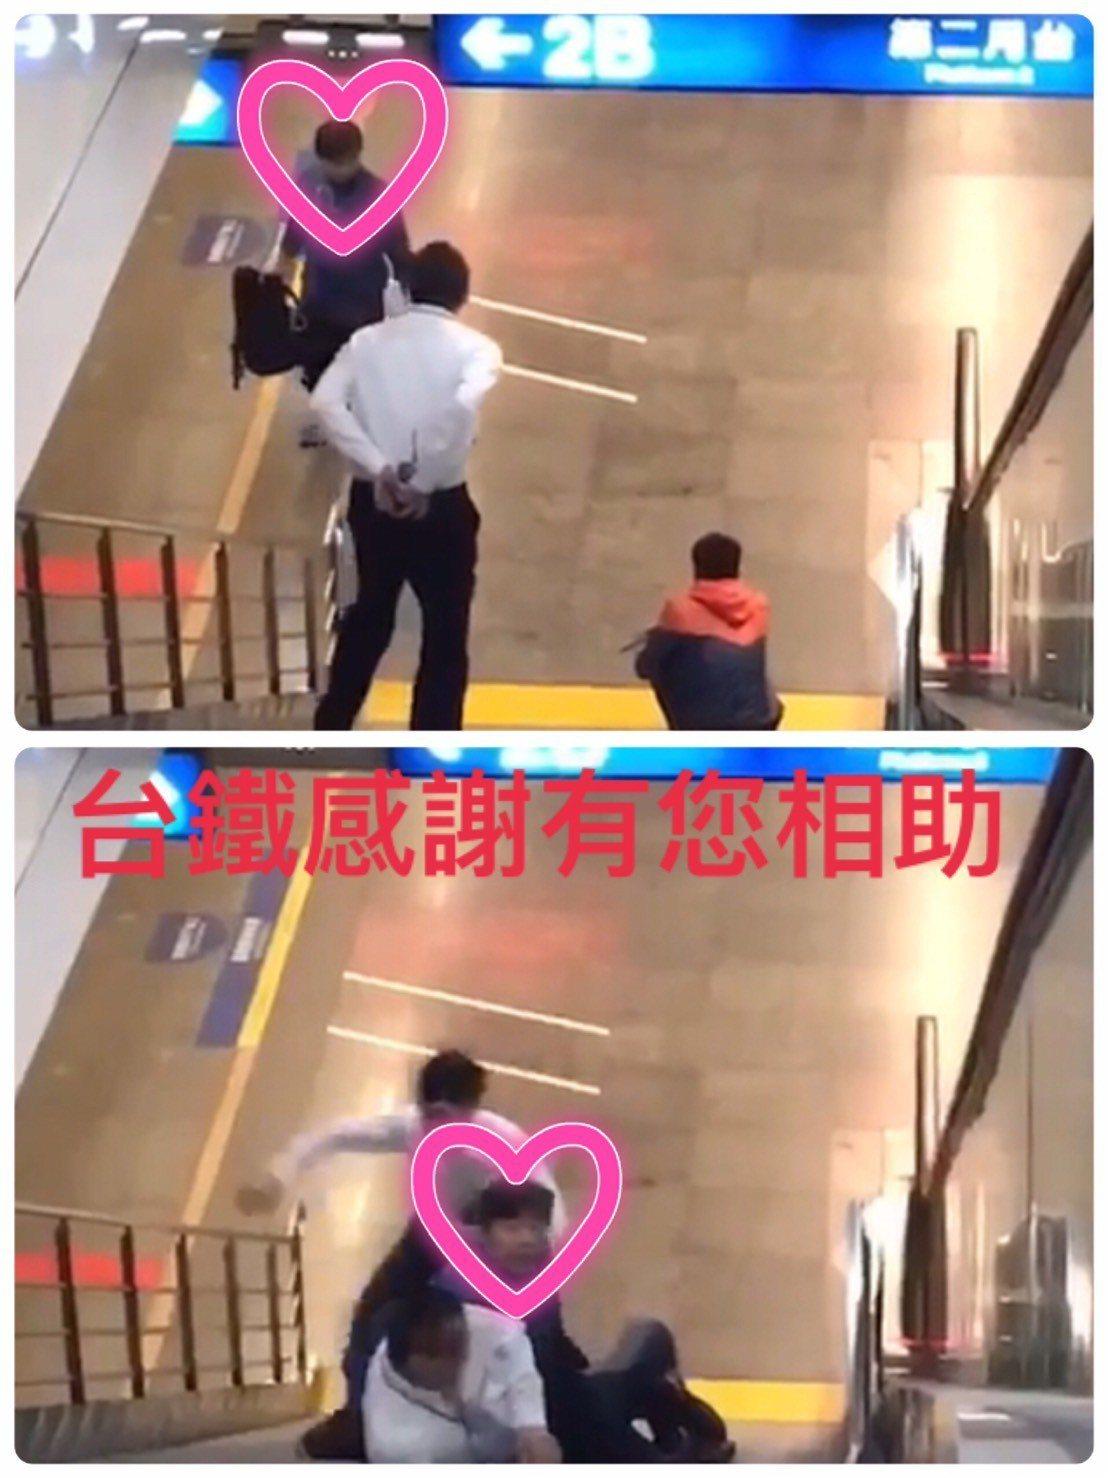 熱心助人的鄭姓民眾事後被網友成為「正義哥」「背包客」,他今天接受鐵路警察局致謝,...